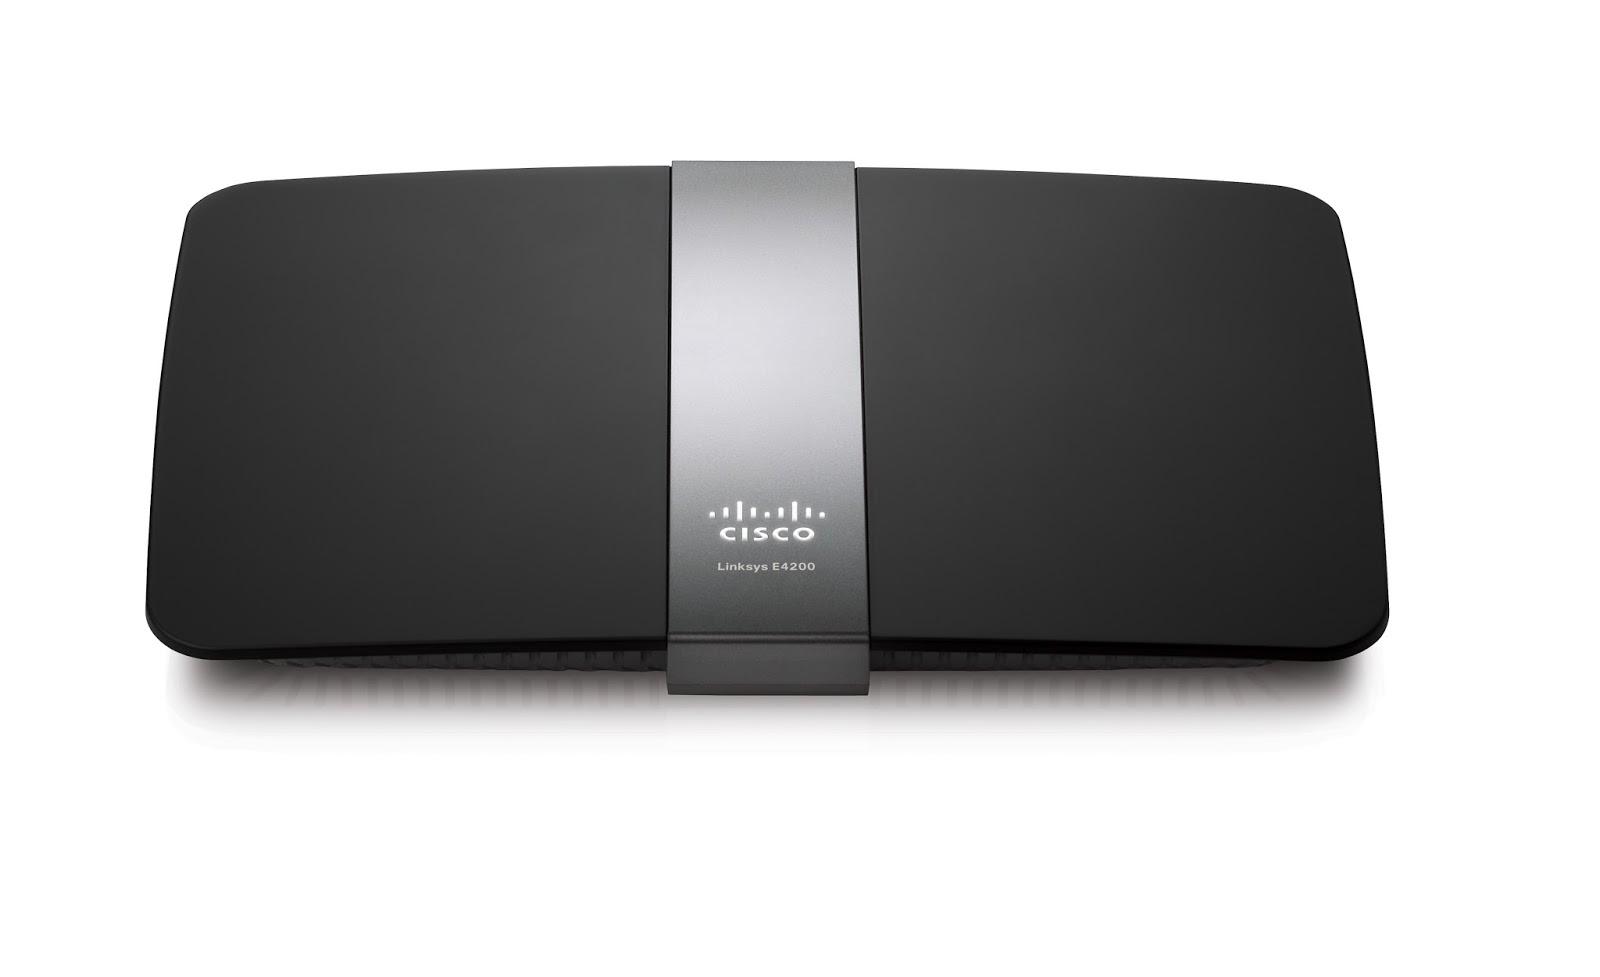 cisco e4200 firmware 1.0.01 download